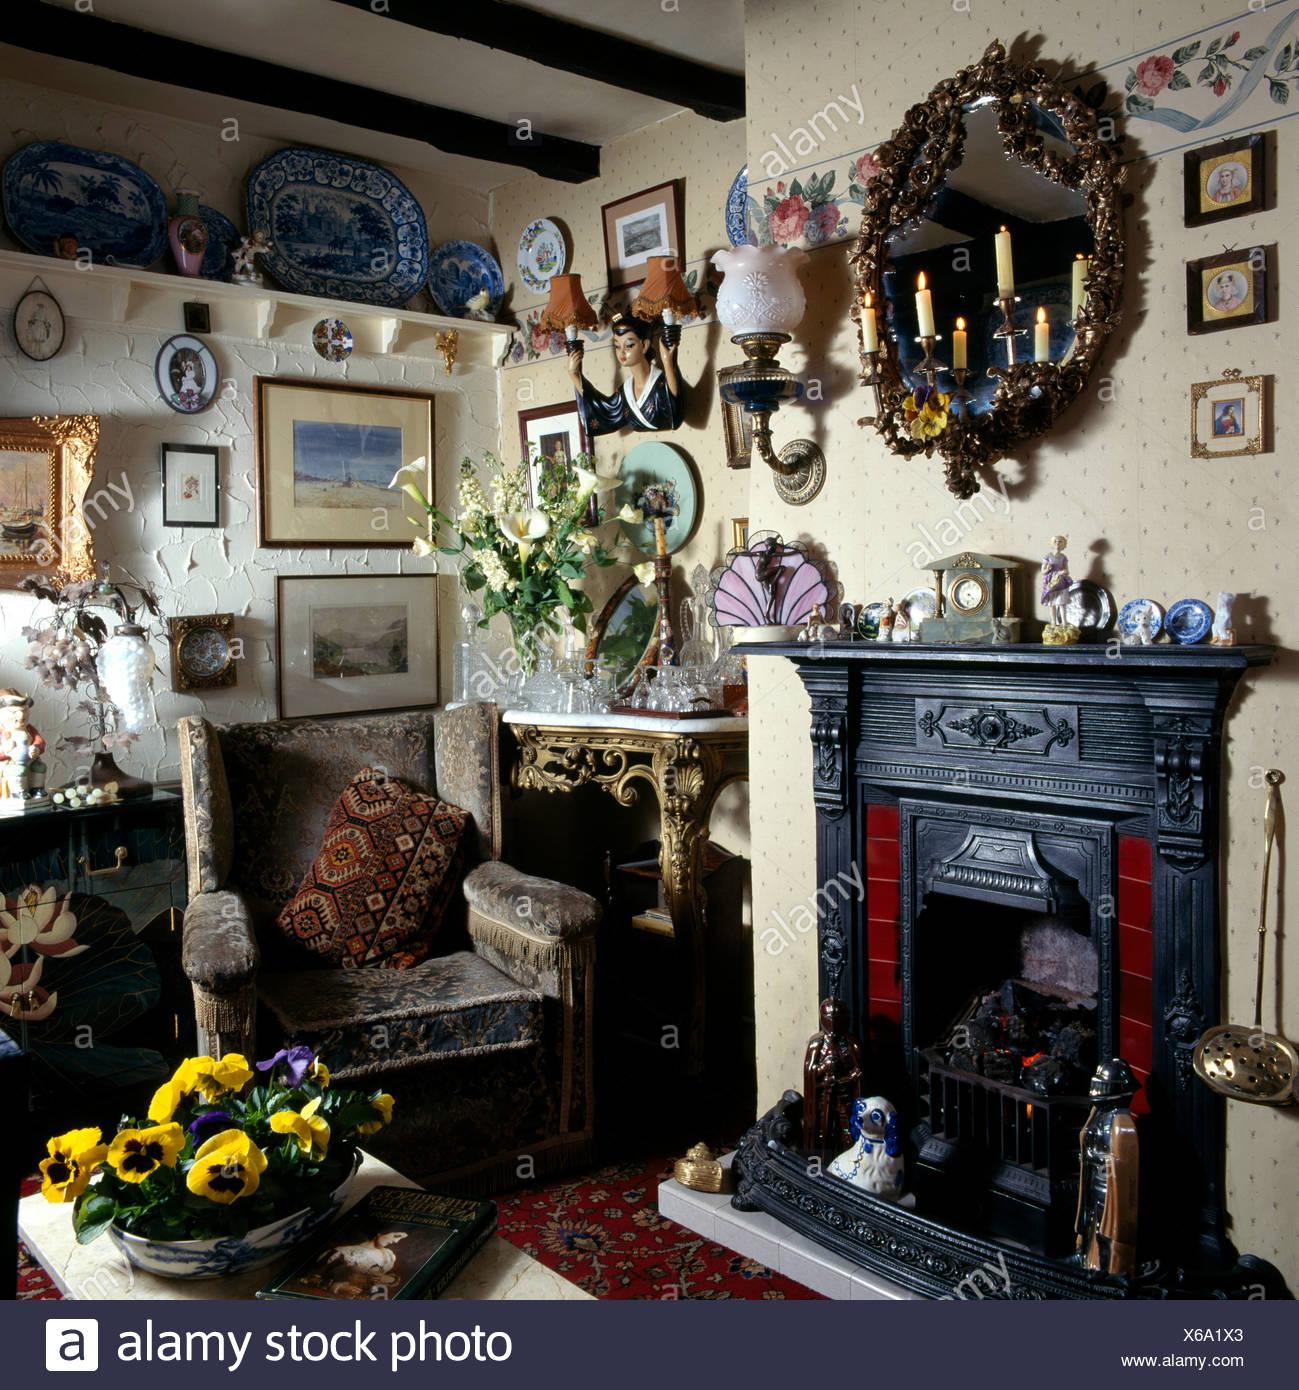 Girandole Spiegel Mit Brennenden Kerzen über Gusseisen Kamin Im Kleinen,  überfüllten Viktorianischen Wohnzimmer Mit Grauen Sessel